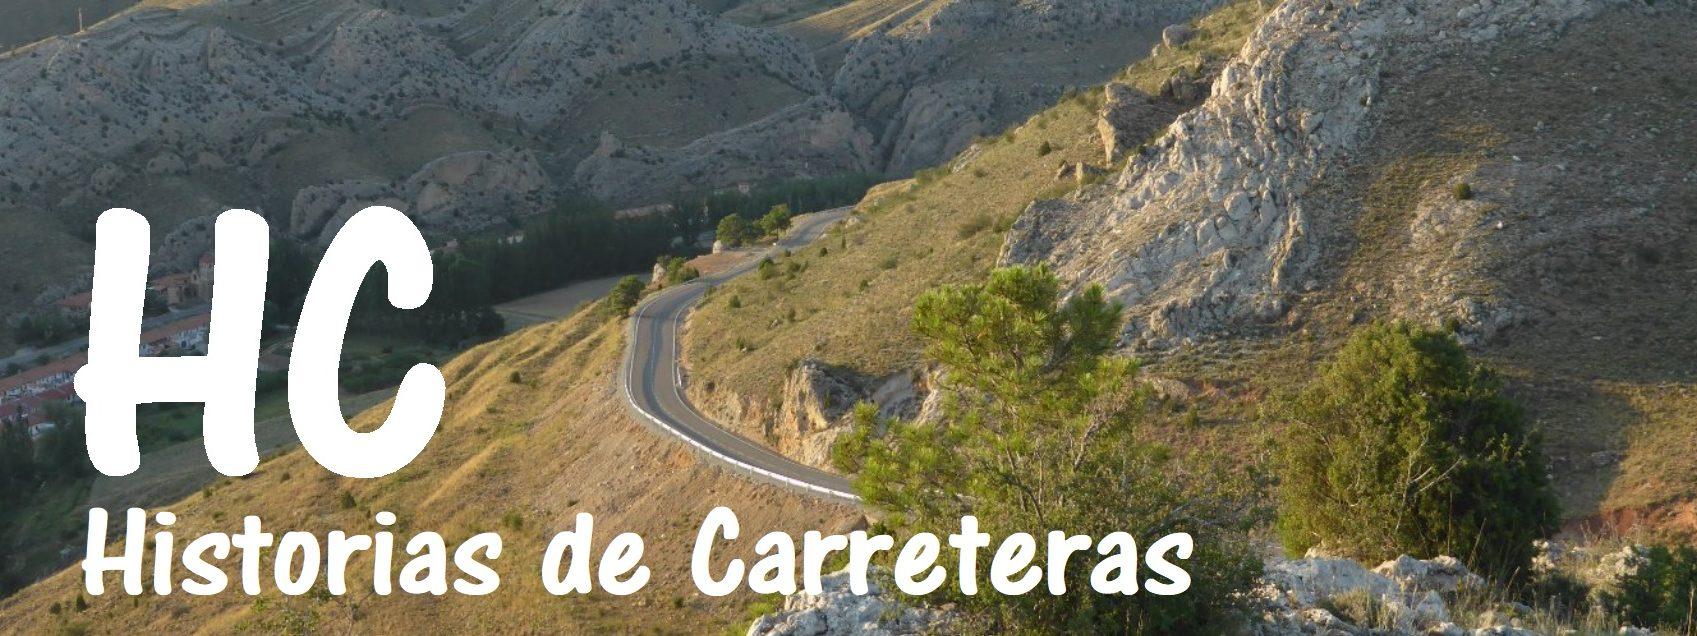 Historias de Carreteras